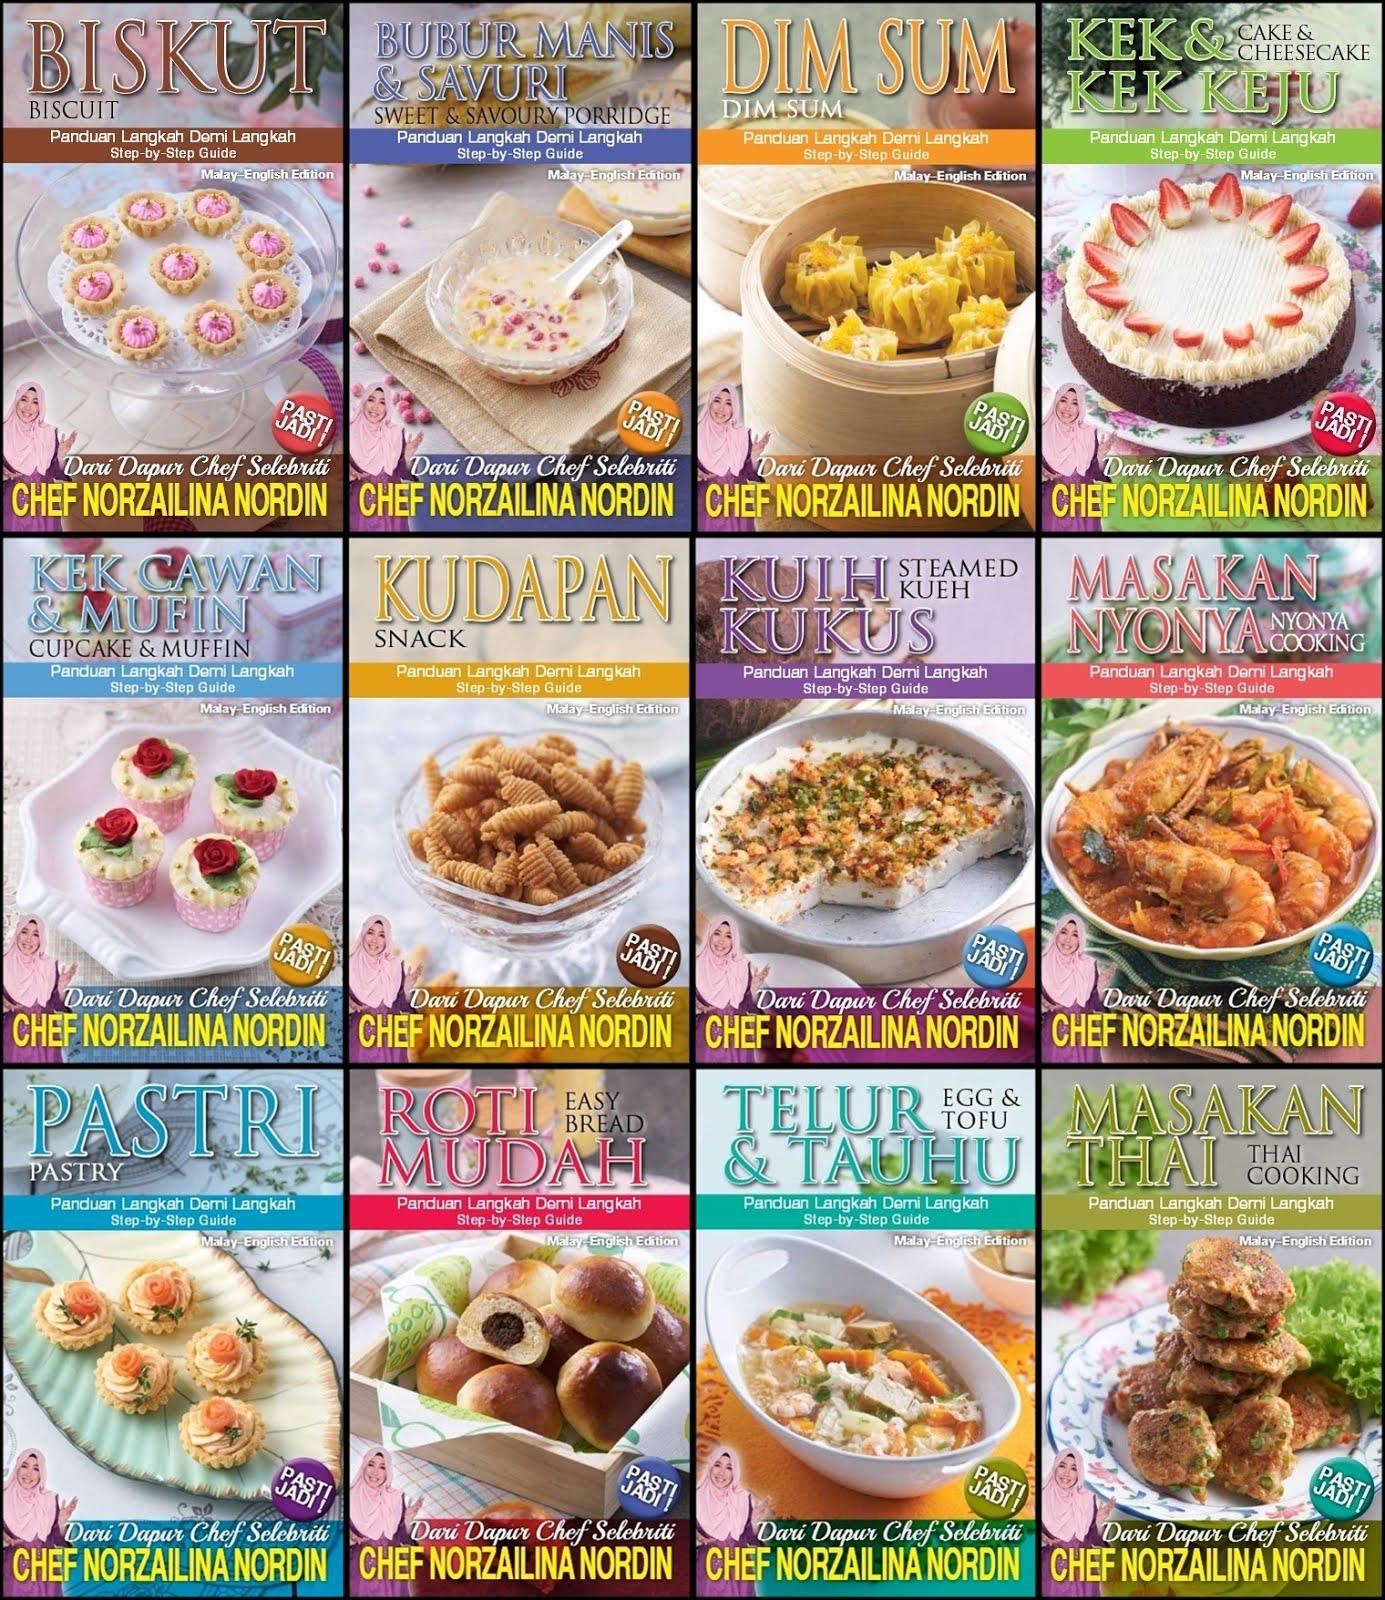 Buku Masakan Mini 2017